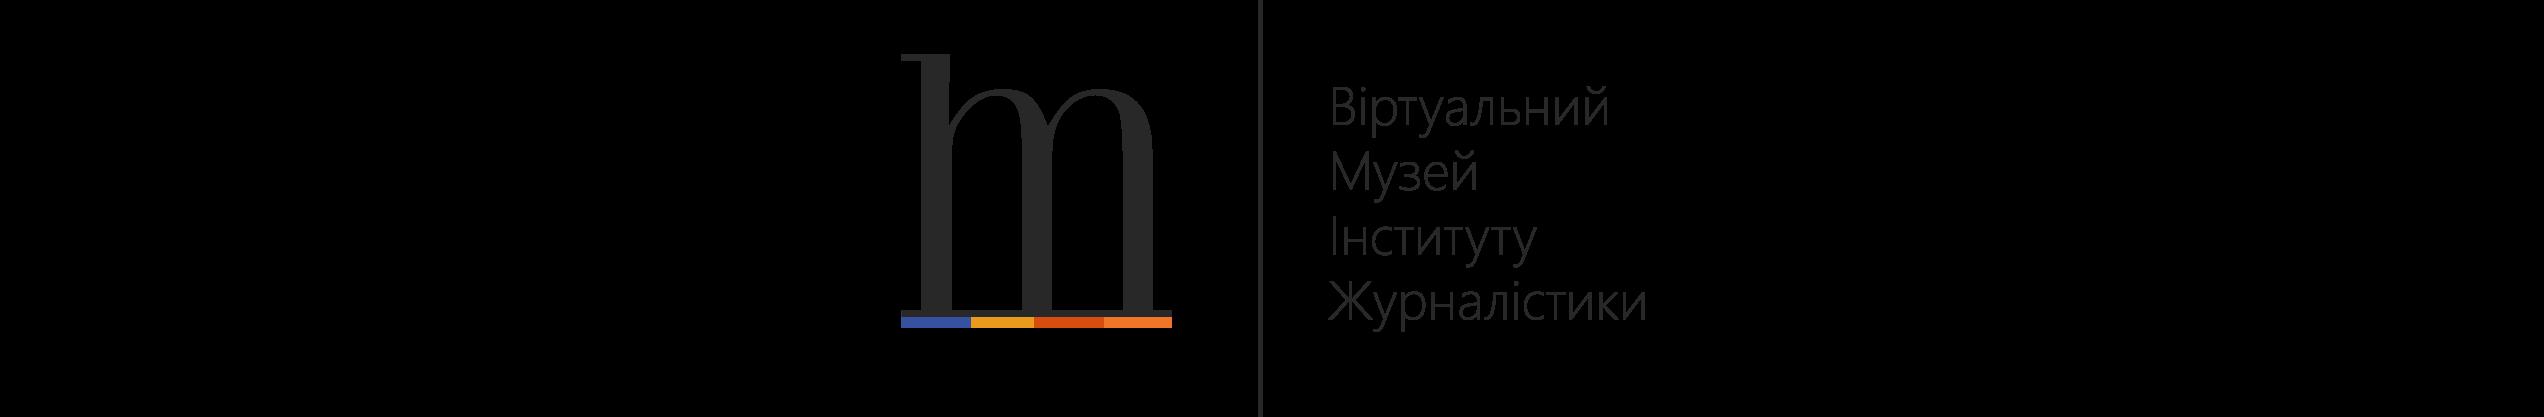 Віртуальний музей Інституту журналістики